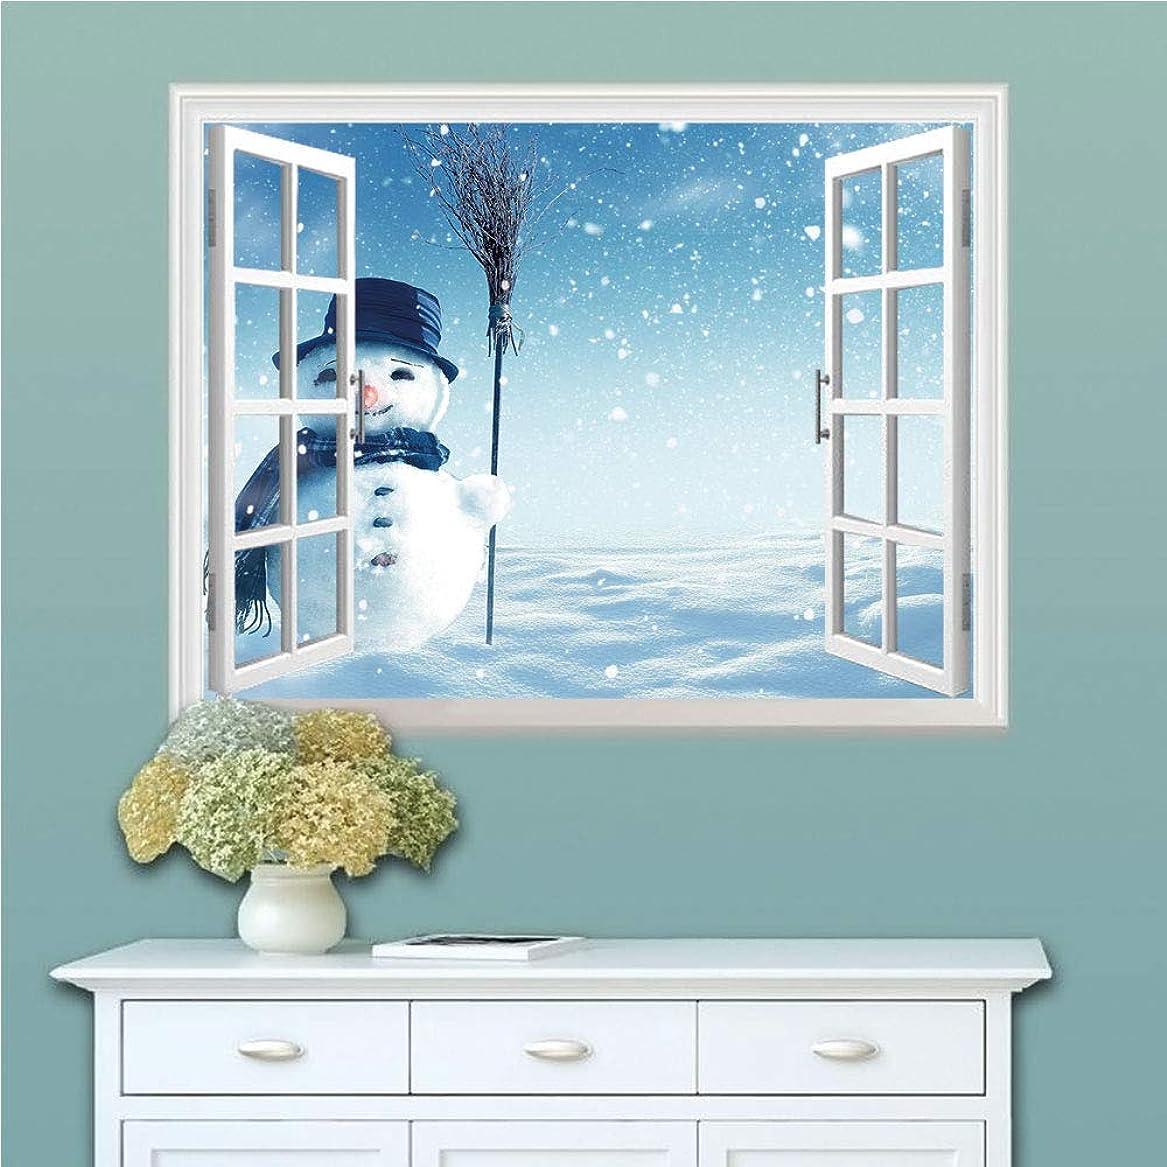 雑多なセッティング賄賂偽窓ステッカウォールステッカー サンタクロース クリスマス クリスマスツリー トナカイ シール サンタ 飾り ステッカー 壁シール 星 雪 窓 壁紙 雪だるま 雪に覆われた冬の風景 かわいい幸せな雪だるまの冷たい屋外装飾 雪だるま